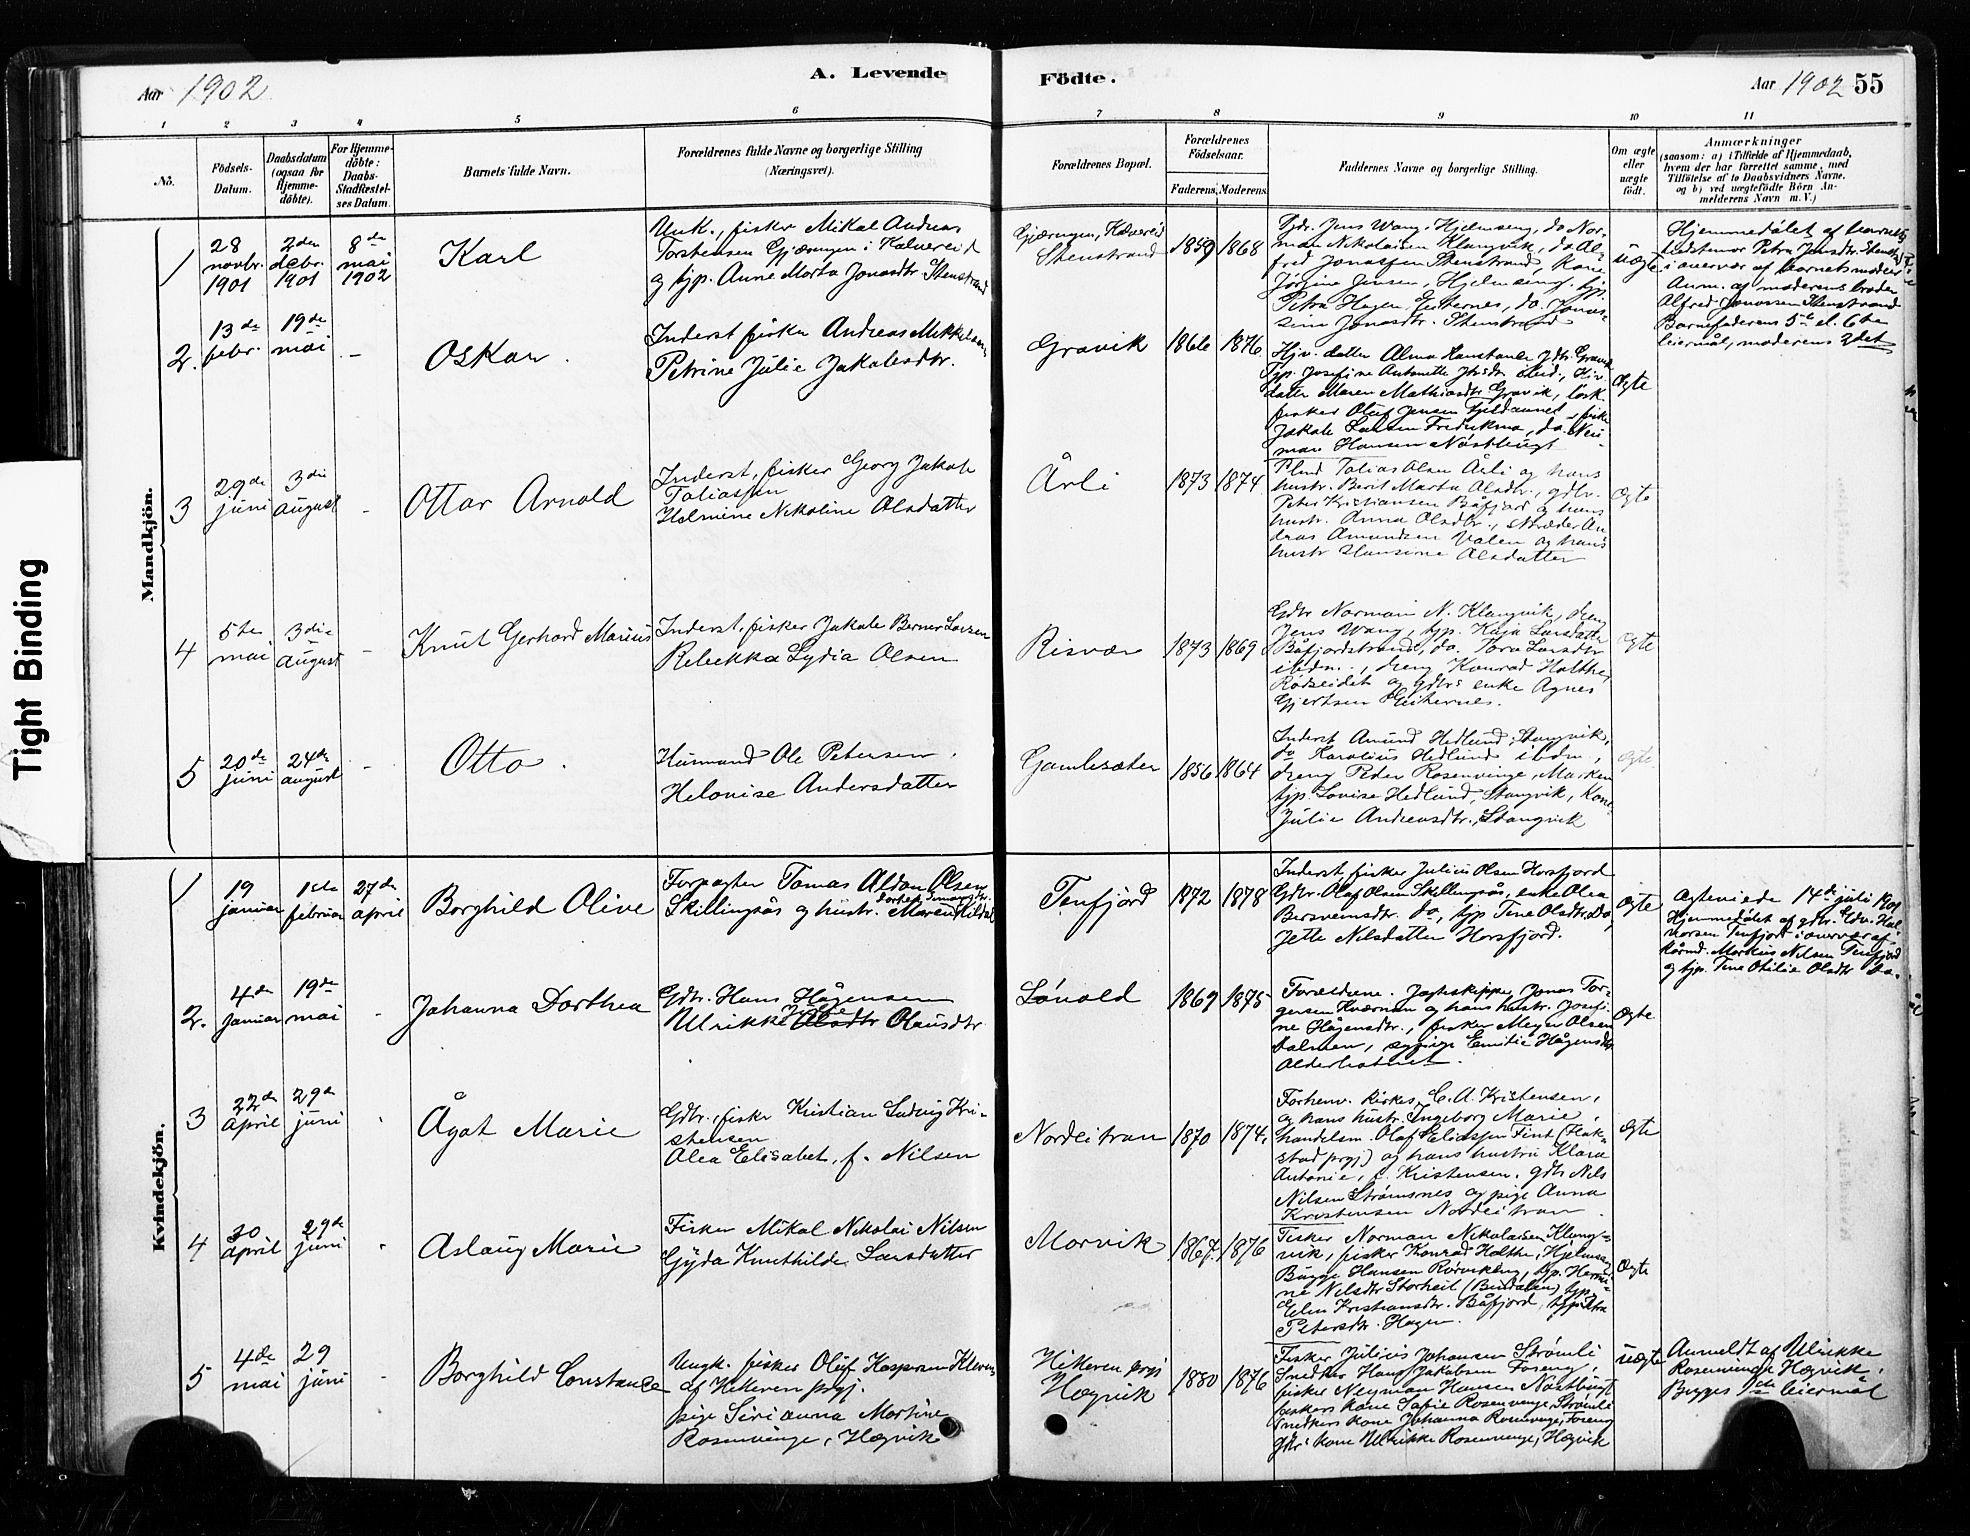 SAT, Ministerialprotokoller, klokkerbøker og fødselsregistre - Nord-Trøndelag, 789/L0705: Ministerialbok nr. 789A01, 1878-1910, s. 55